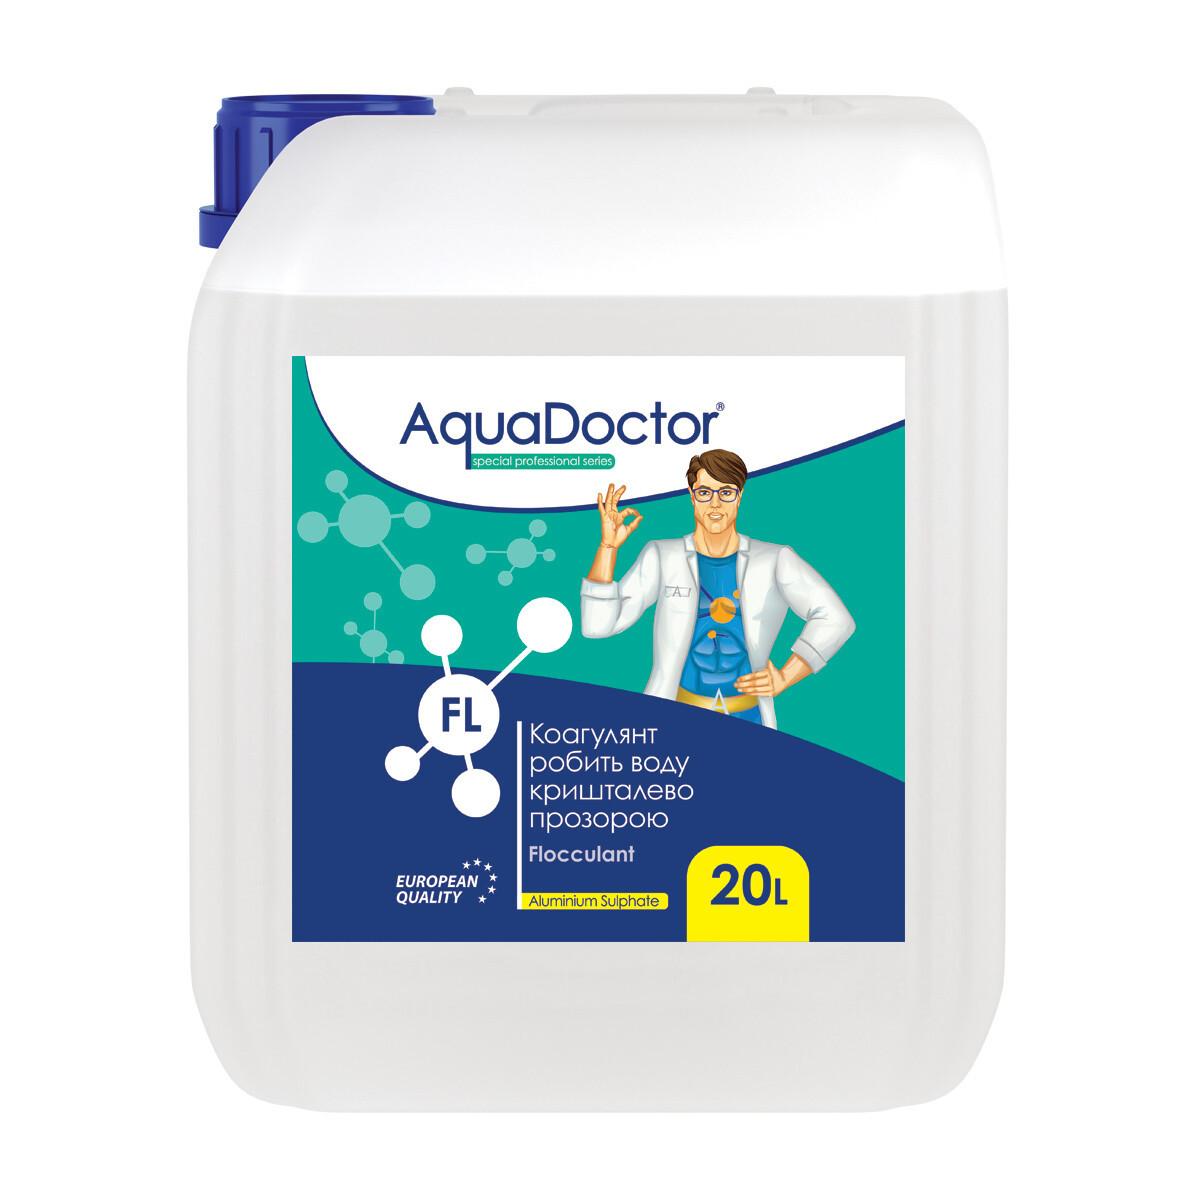 Жидкое коагулирующее средство AquaDoctor FL 20 литров